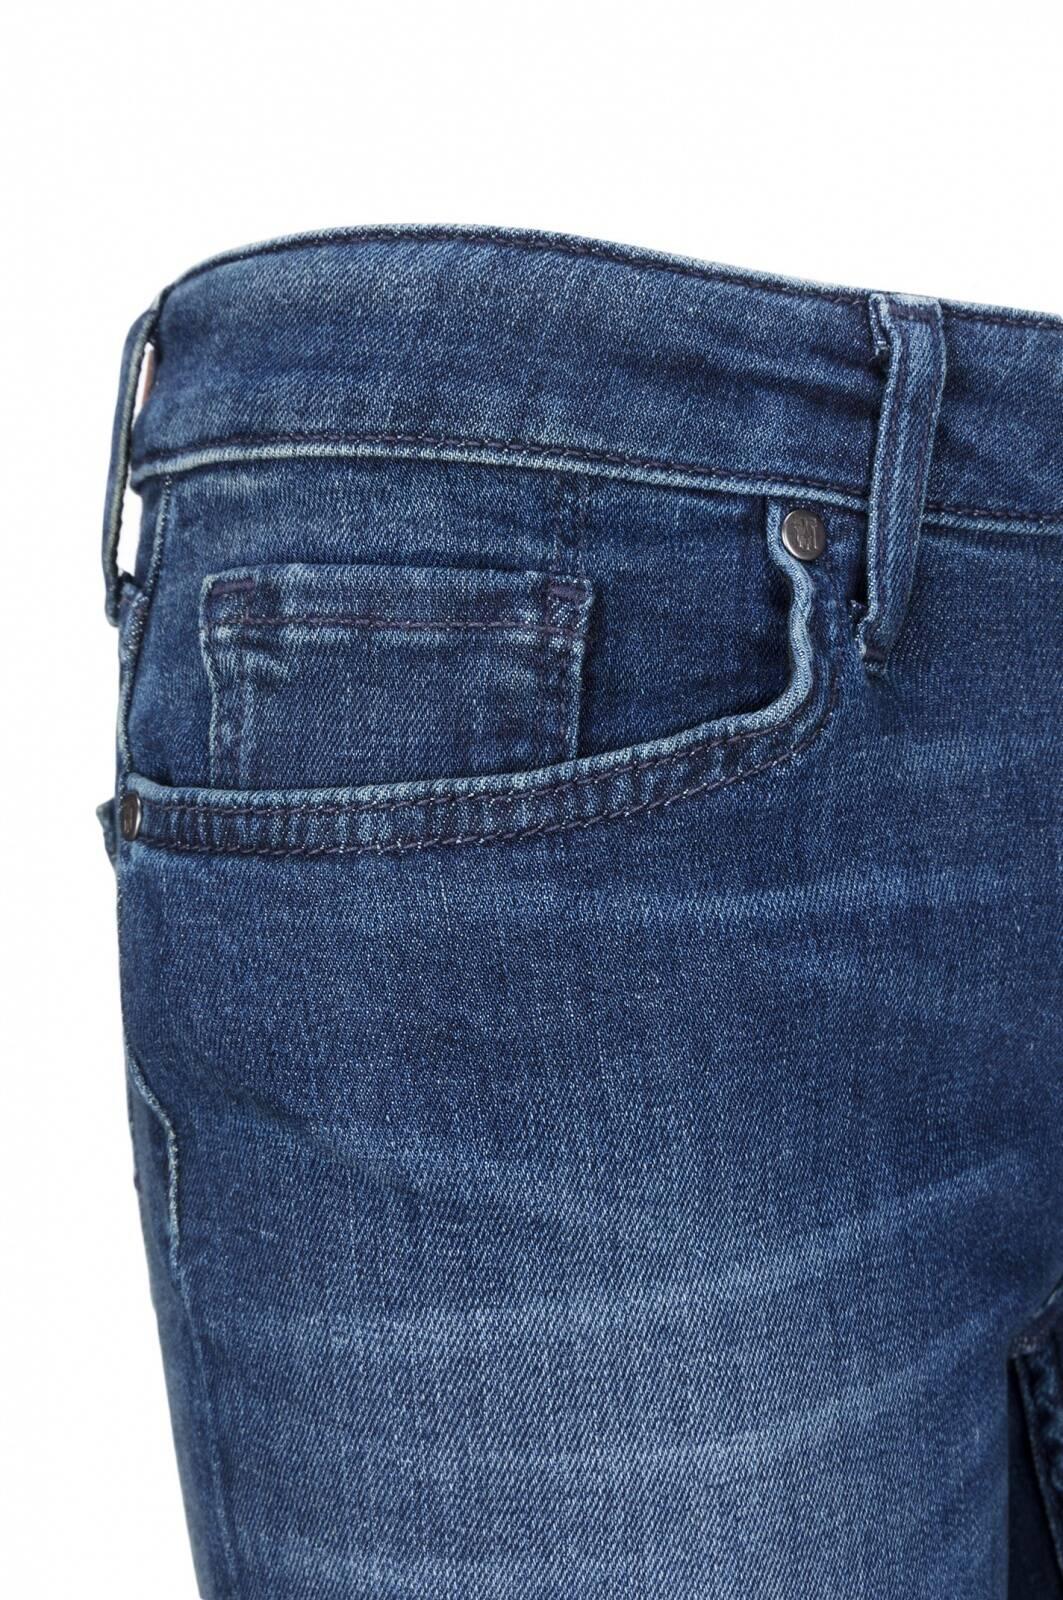 rome jeans tommy hilfiger blue jeans pants. Black Bedroom Furniture Sets. Home Design Ideas